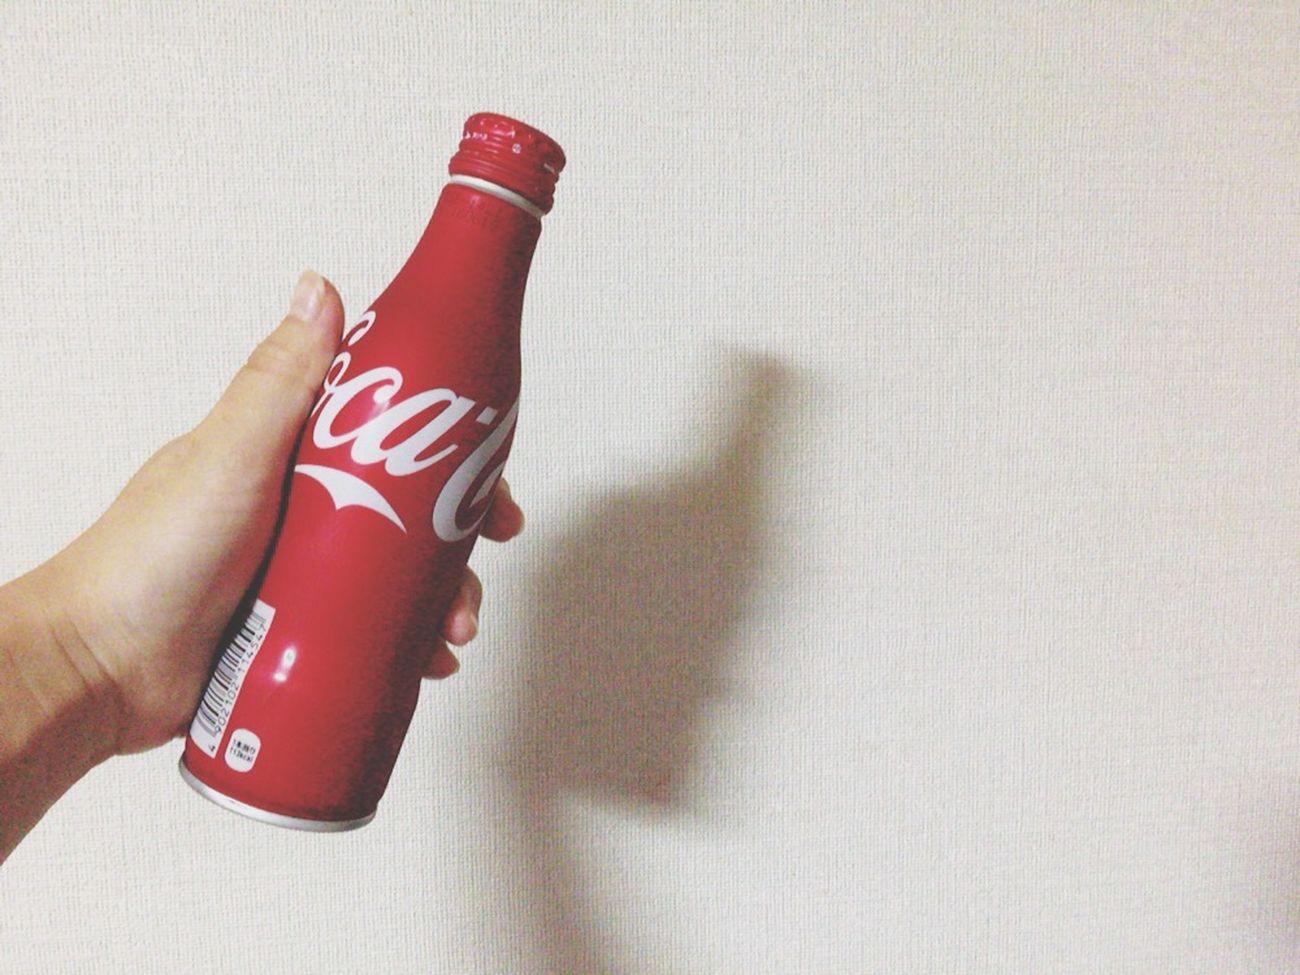 コカコーラ Cola ジュース Juice おいしい Delicious